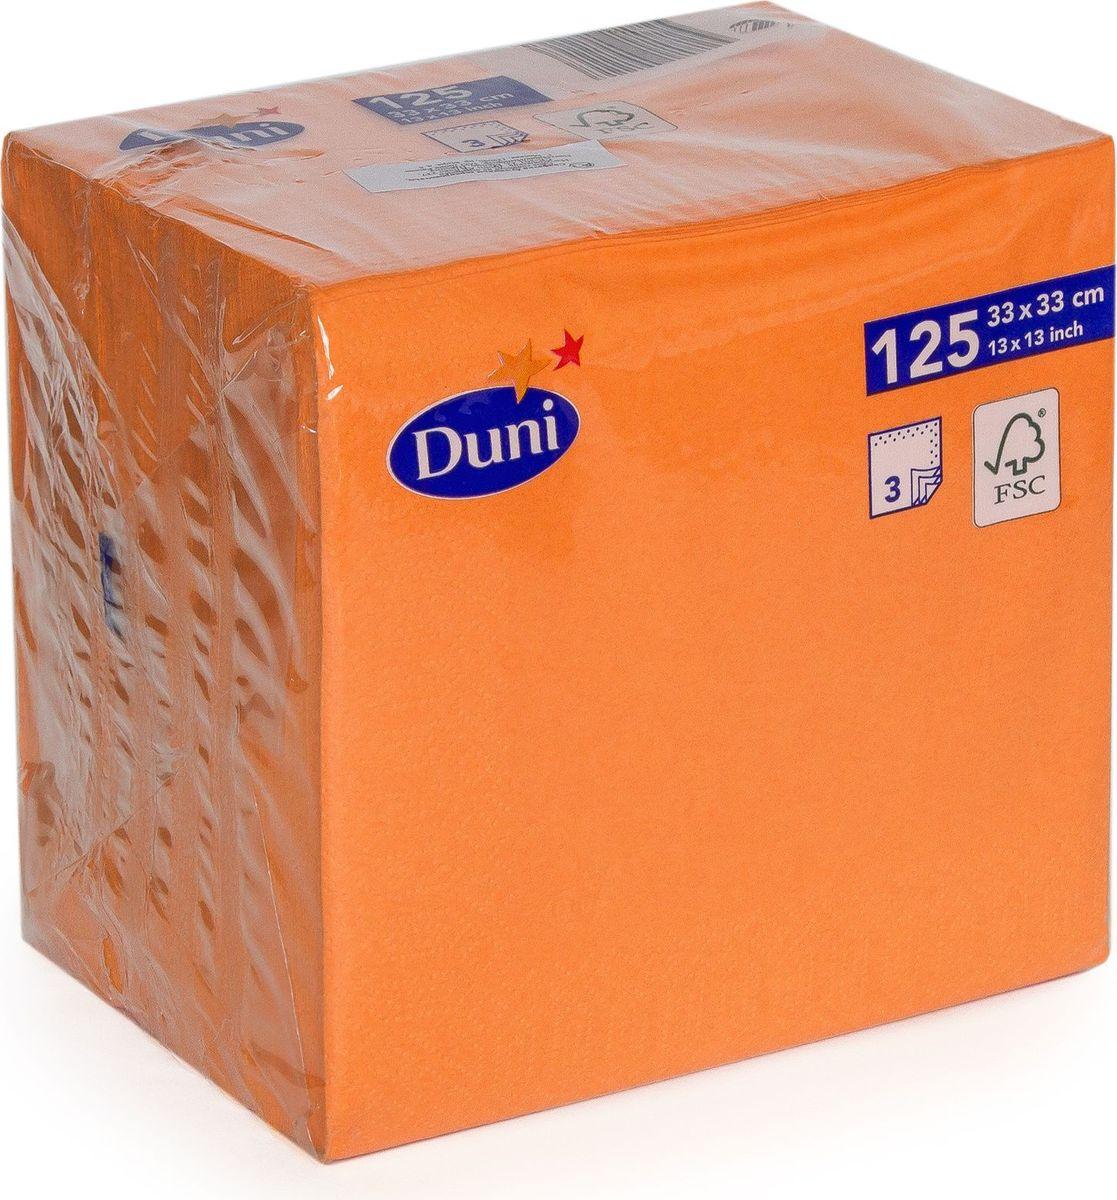 Салфетки бумажные Duni, 3-слойные, цвет: красный, 33 х 33 см. 149111CDF-16Трехслойные бумажные салфетки изготовлены из экологически чистого, высококачественного сырья - 100% целлюлозы. Салфетки выполнены в оригинальном и современном стиле, прекрасно сочетаются с любым интерьером и всегда будут прекрасным и незаменимым украшением стола.